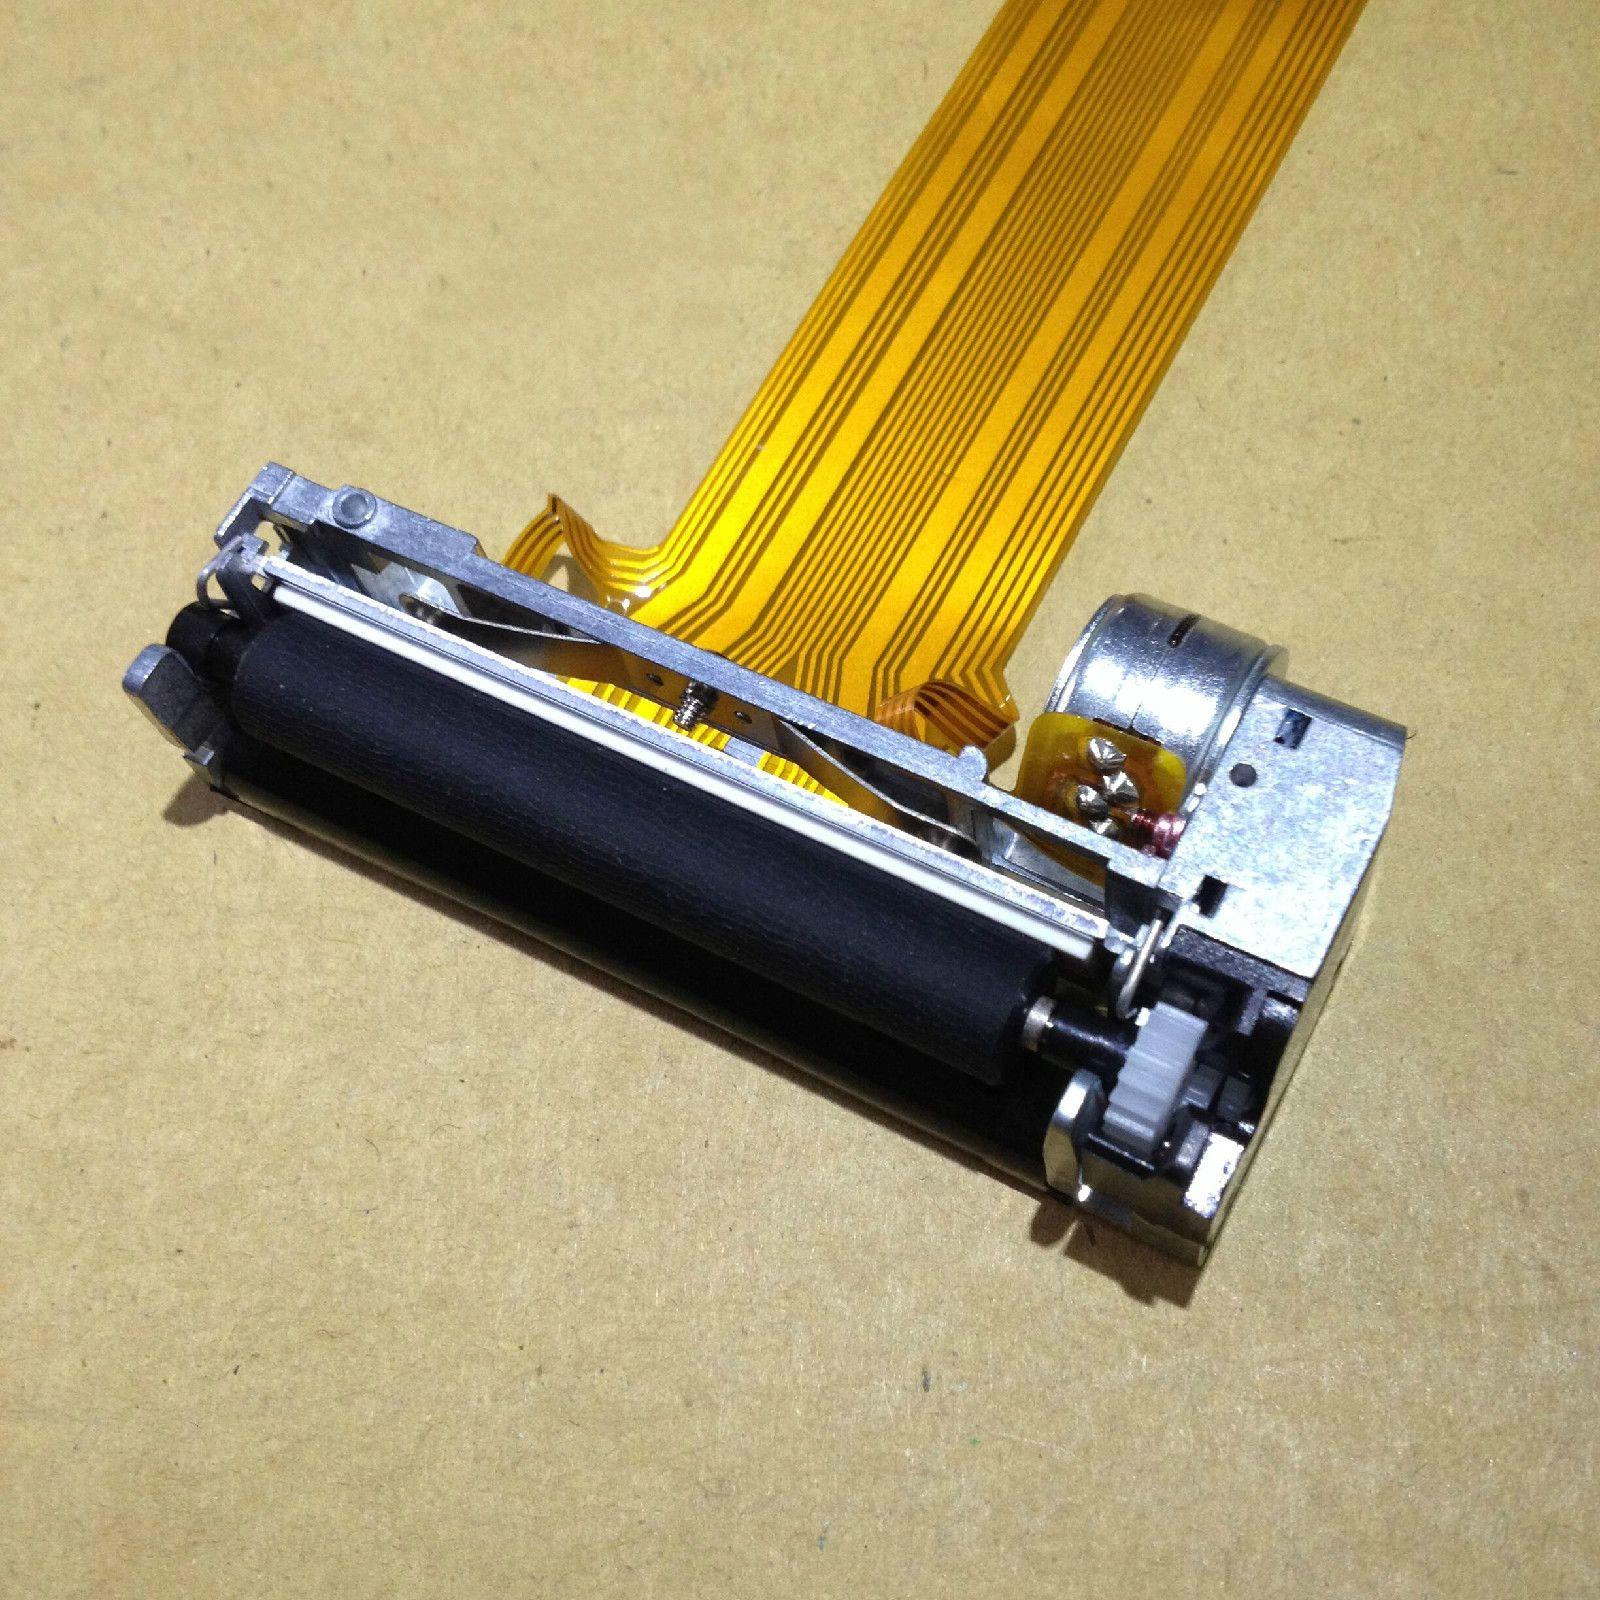 Thermische drucker mechanismus druckkopf für sc-5890 SUNVi SID 260A 260b PT486F-B101 druckkopf